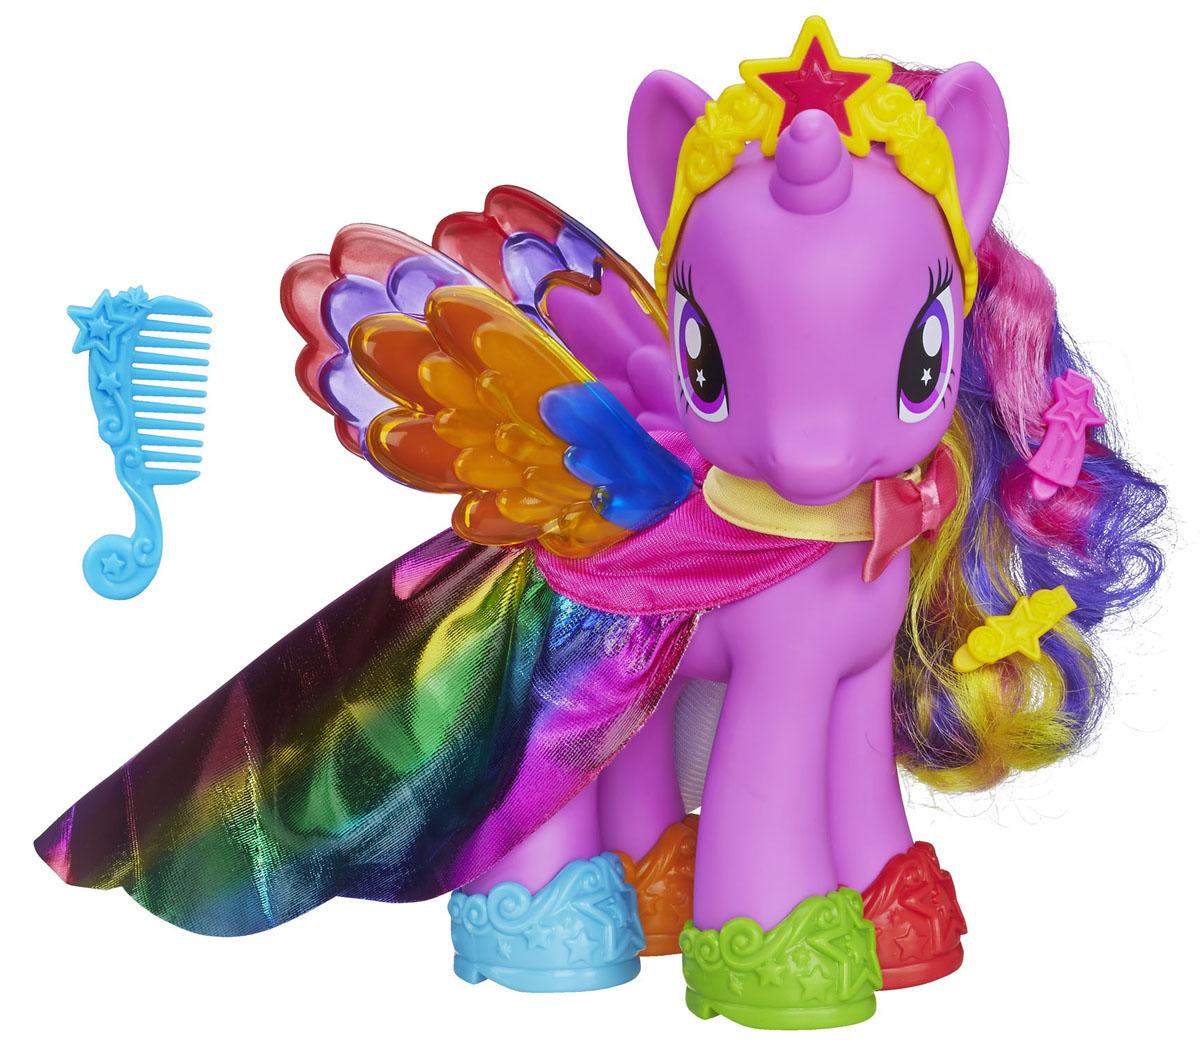 My Little Pony Игровой набор Пони-модница Принцесса Твайлайт СпарклA8211Игровой набор My Little Pony Пони-модница. Princess Twilight Sparkle привлечет внимание вашей малышки и не позволит ей скучать. Он включает игрушку в виде принцессы Твайлайт Спаркл, расческу, 2 заколки-зажима, диадему, 2 красочные насадки на крылья и 4 туфельки разных цветов. Игрушка выполнена из пластика светло-фиолетового и представляет собой очаровательную пони с большими выразительными глазками, яркими крылышками и длинной гривой и хвостом. На ней красуется прекрасный радужный плащ. Ваша малышка сможет сделать пони красивую прическу с помощью расчески и заколок и украсить ее диадемой. Головка игрушки поворачивается. Ваша малышка будет часами играть с набором, придумывая различные истории. Порадуйте ее таким замечательным подарком!